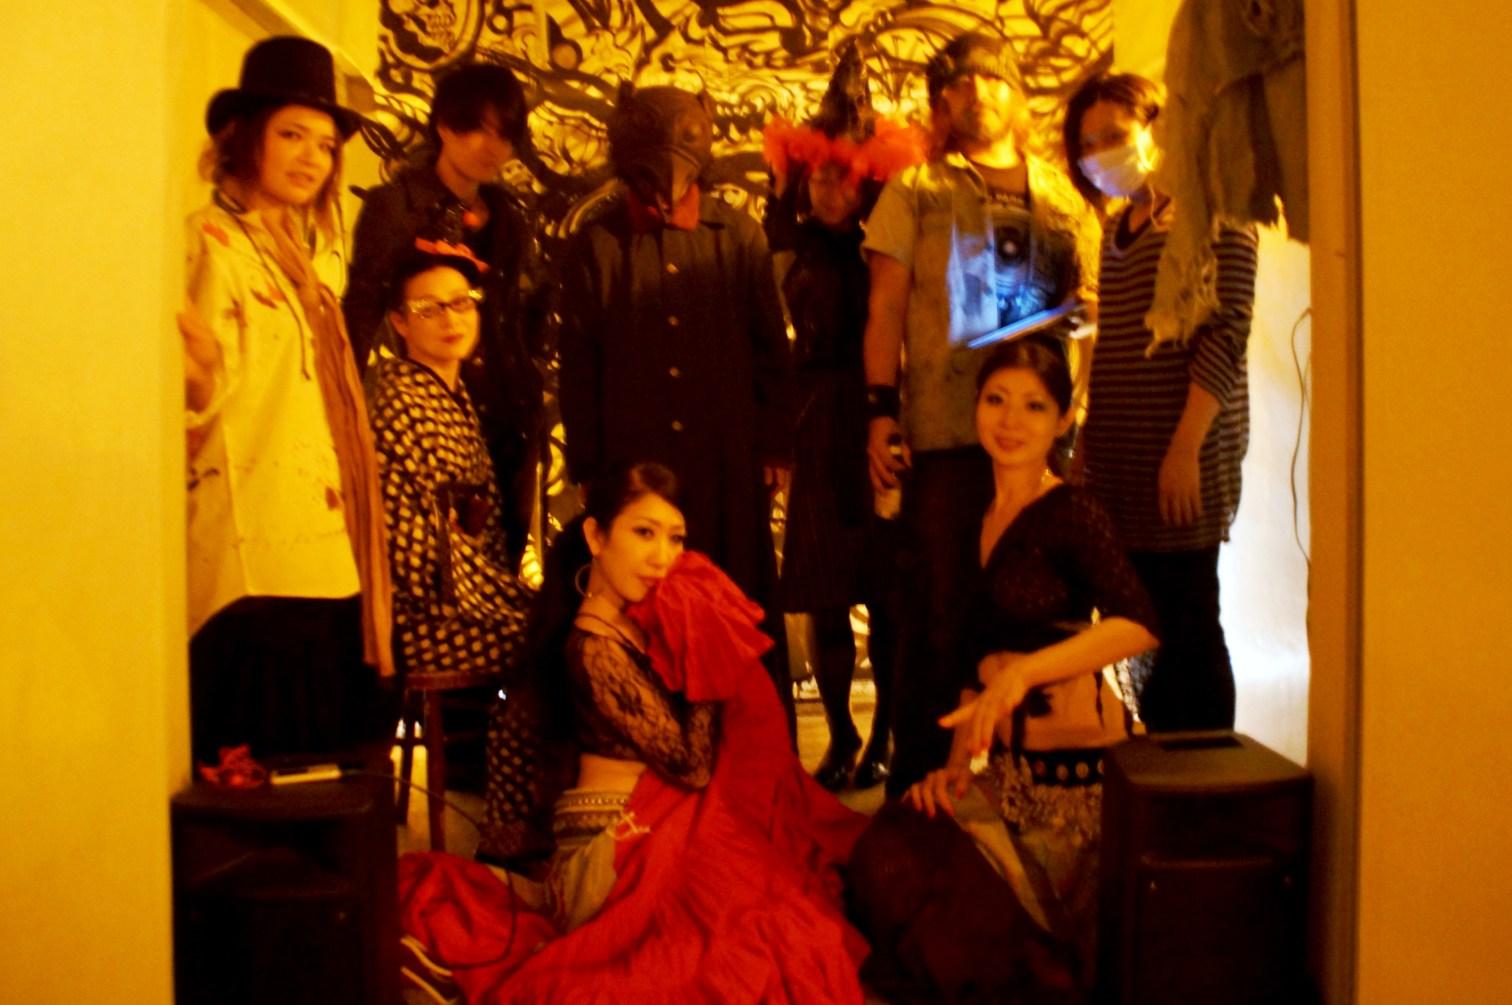 gallery園企画の仮装ハロウィンパーティ@アパートメントホテル新宿~ベリーダンス他・『月のイルカ』仮面_f0006713_2372551.jpg